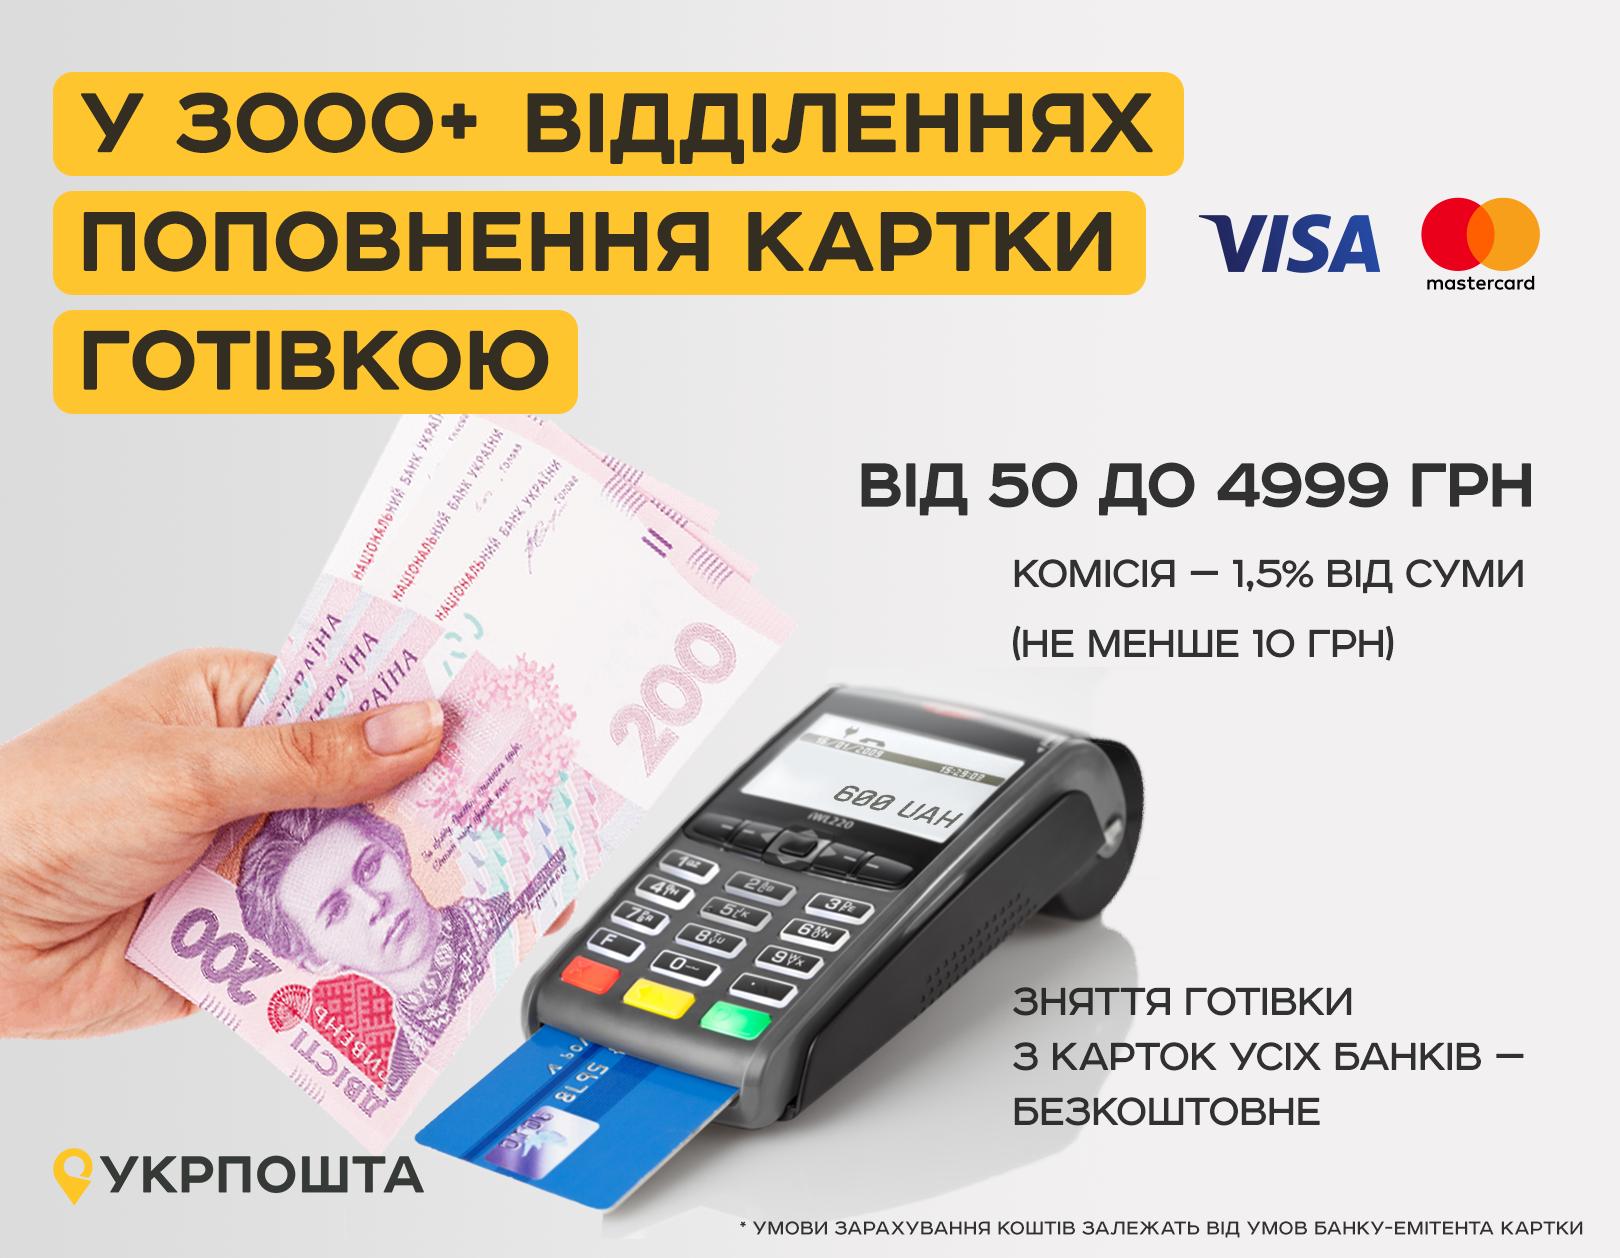 Укрпочта запустила в своих отделениях услугу пополнения банковской карты